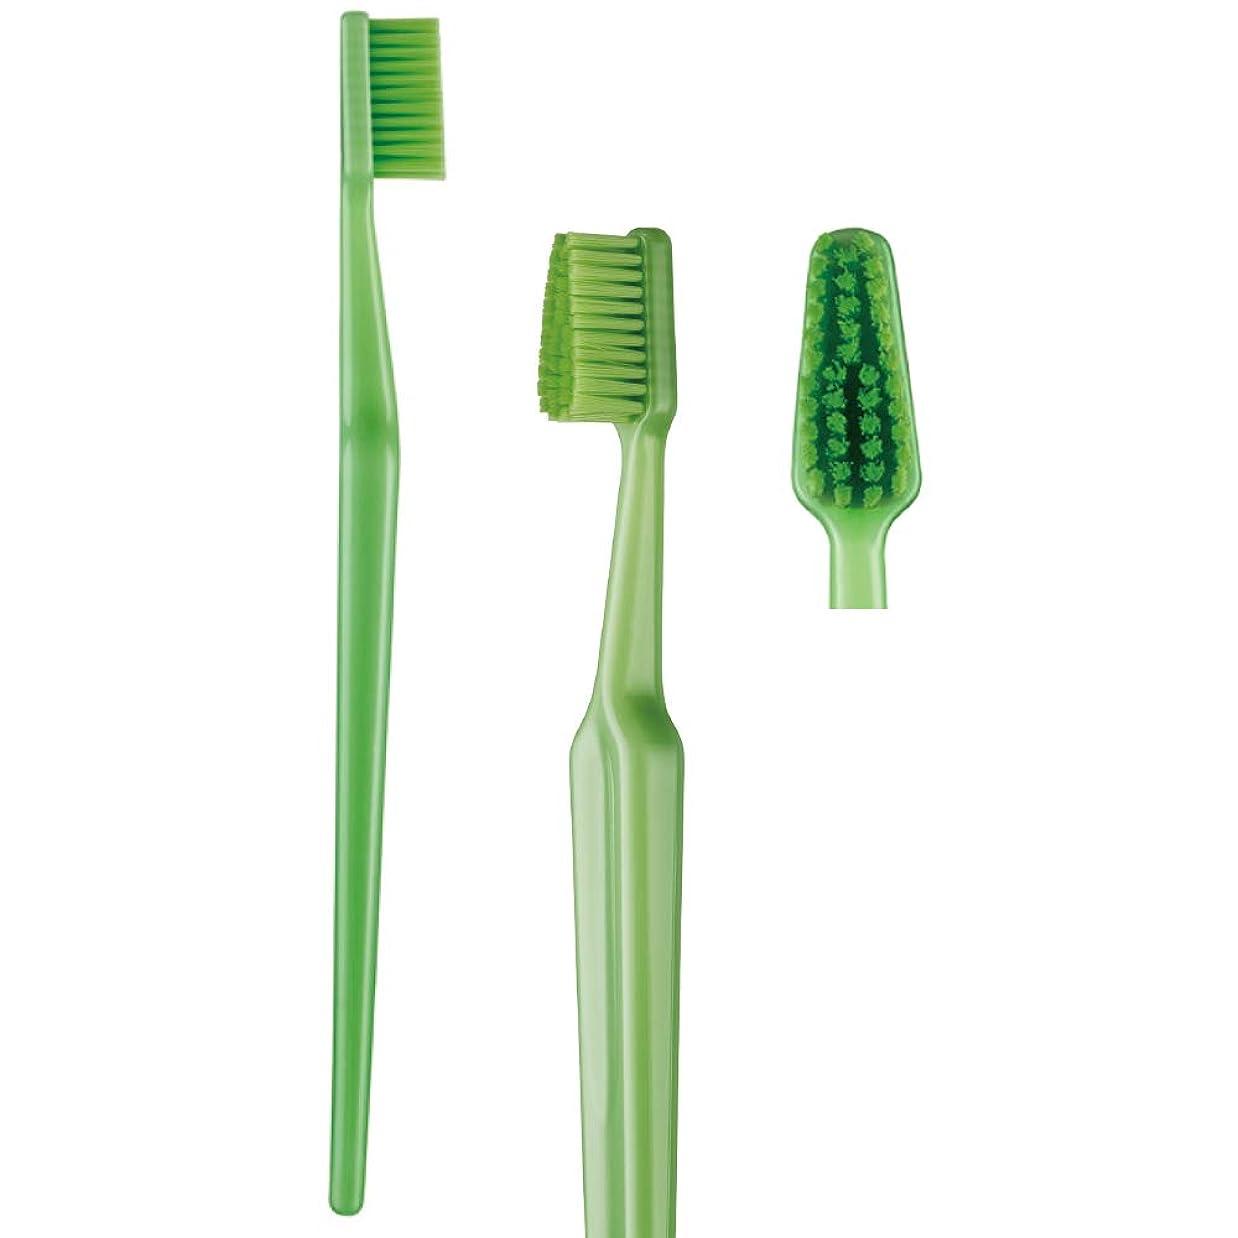 メキシコ生きるベルト歯科専売品 大人用歯ブラシ TePe GOOD (グッド) レギュラー ソフト(やわらかめ) ヘッド大 1本